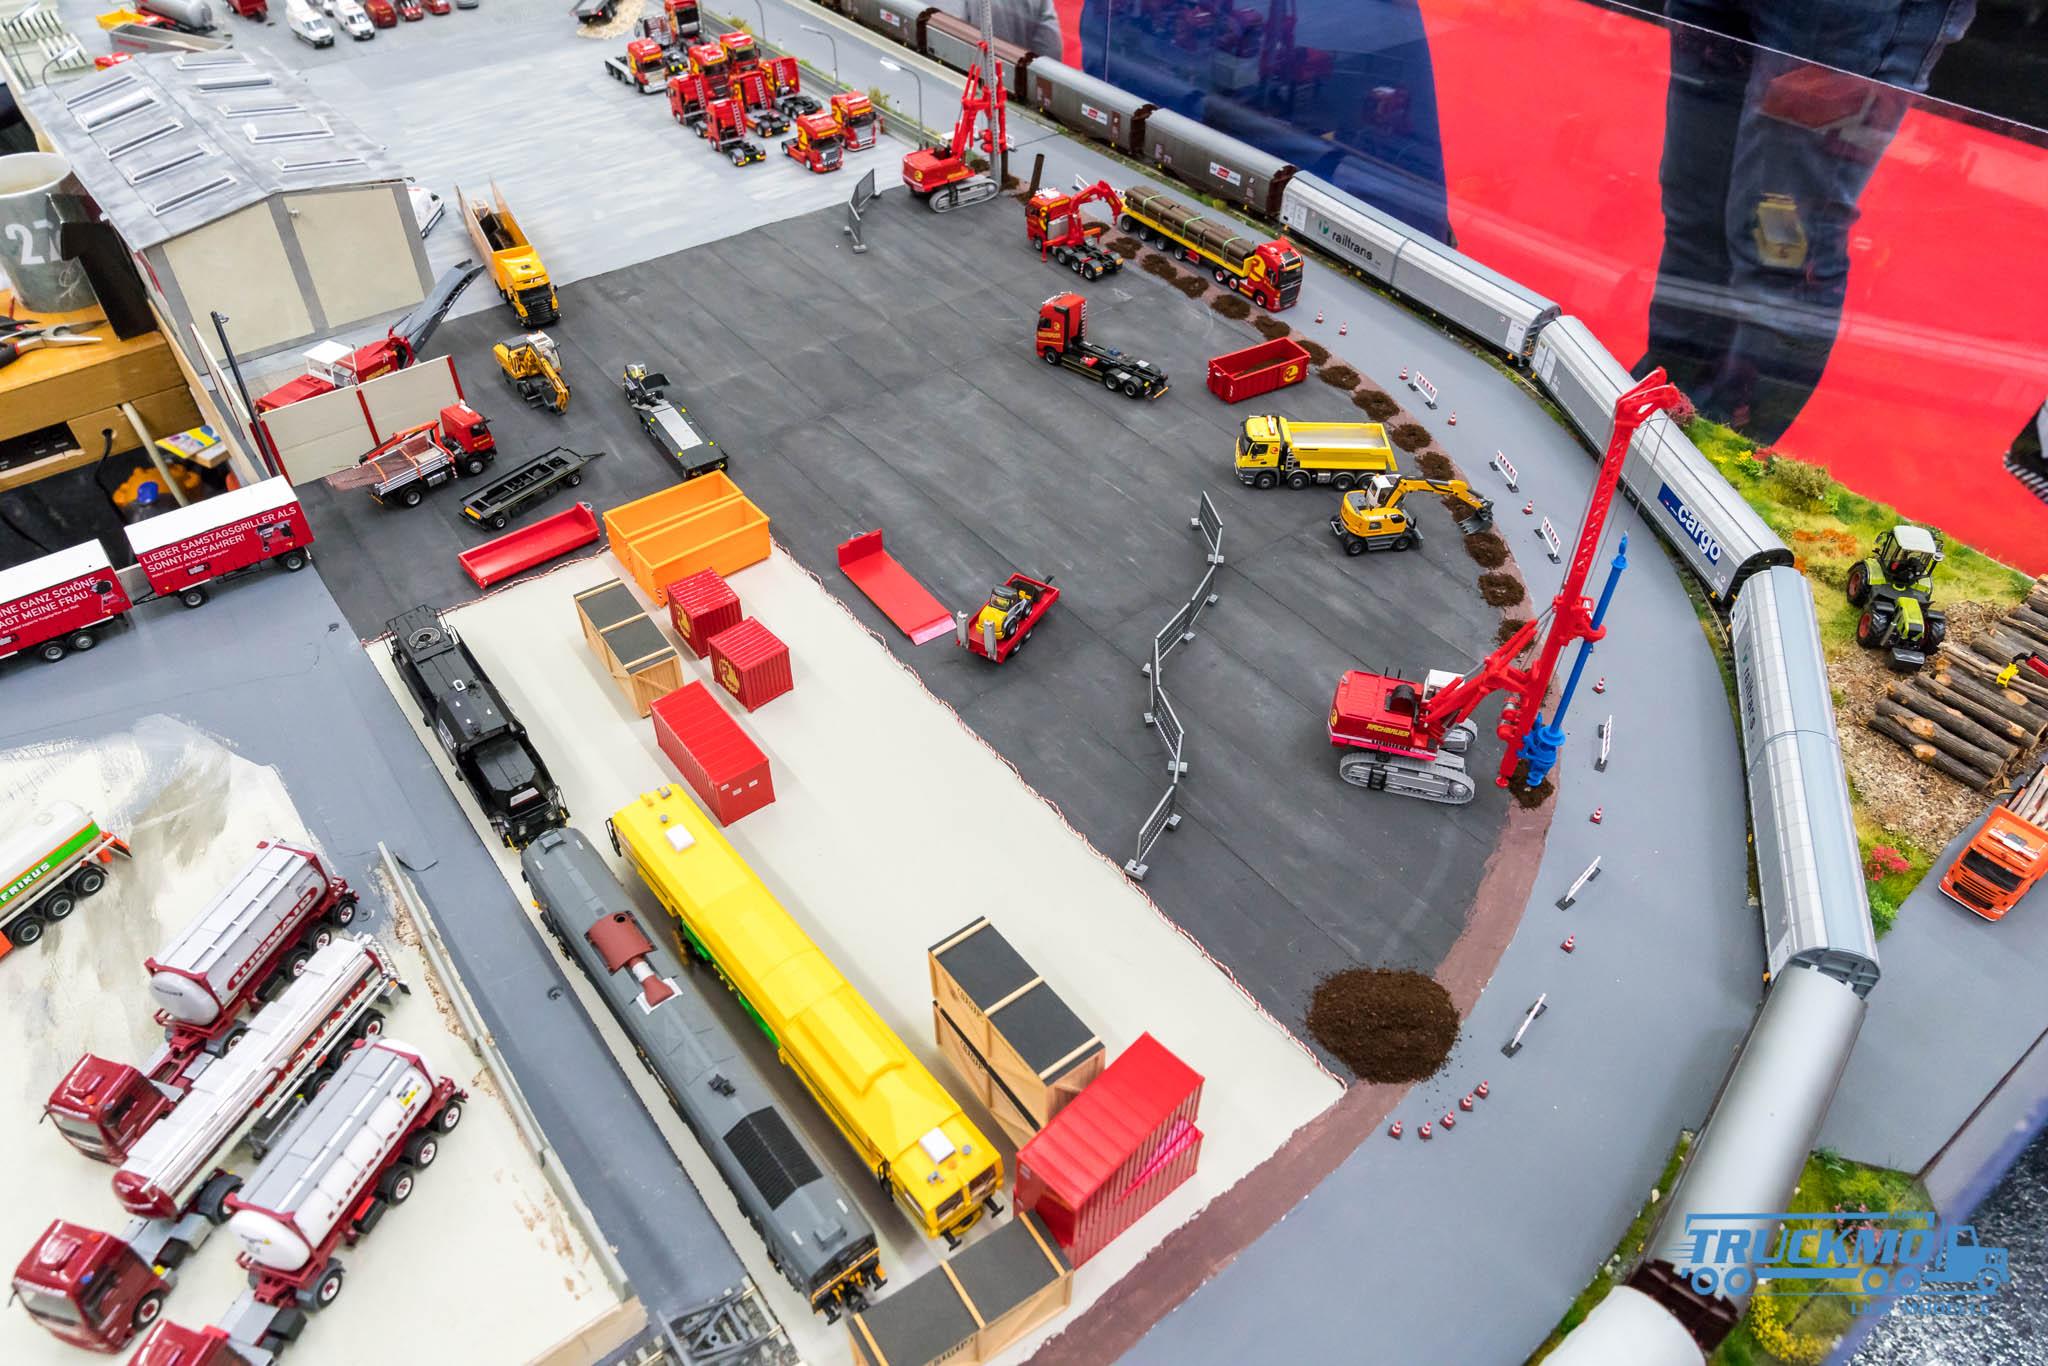 Truckmo_Modellbau_Ried_2017_Herpa_Messe_Modellbauausstellung (230 von 1177)